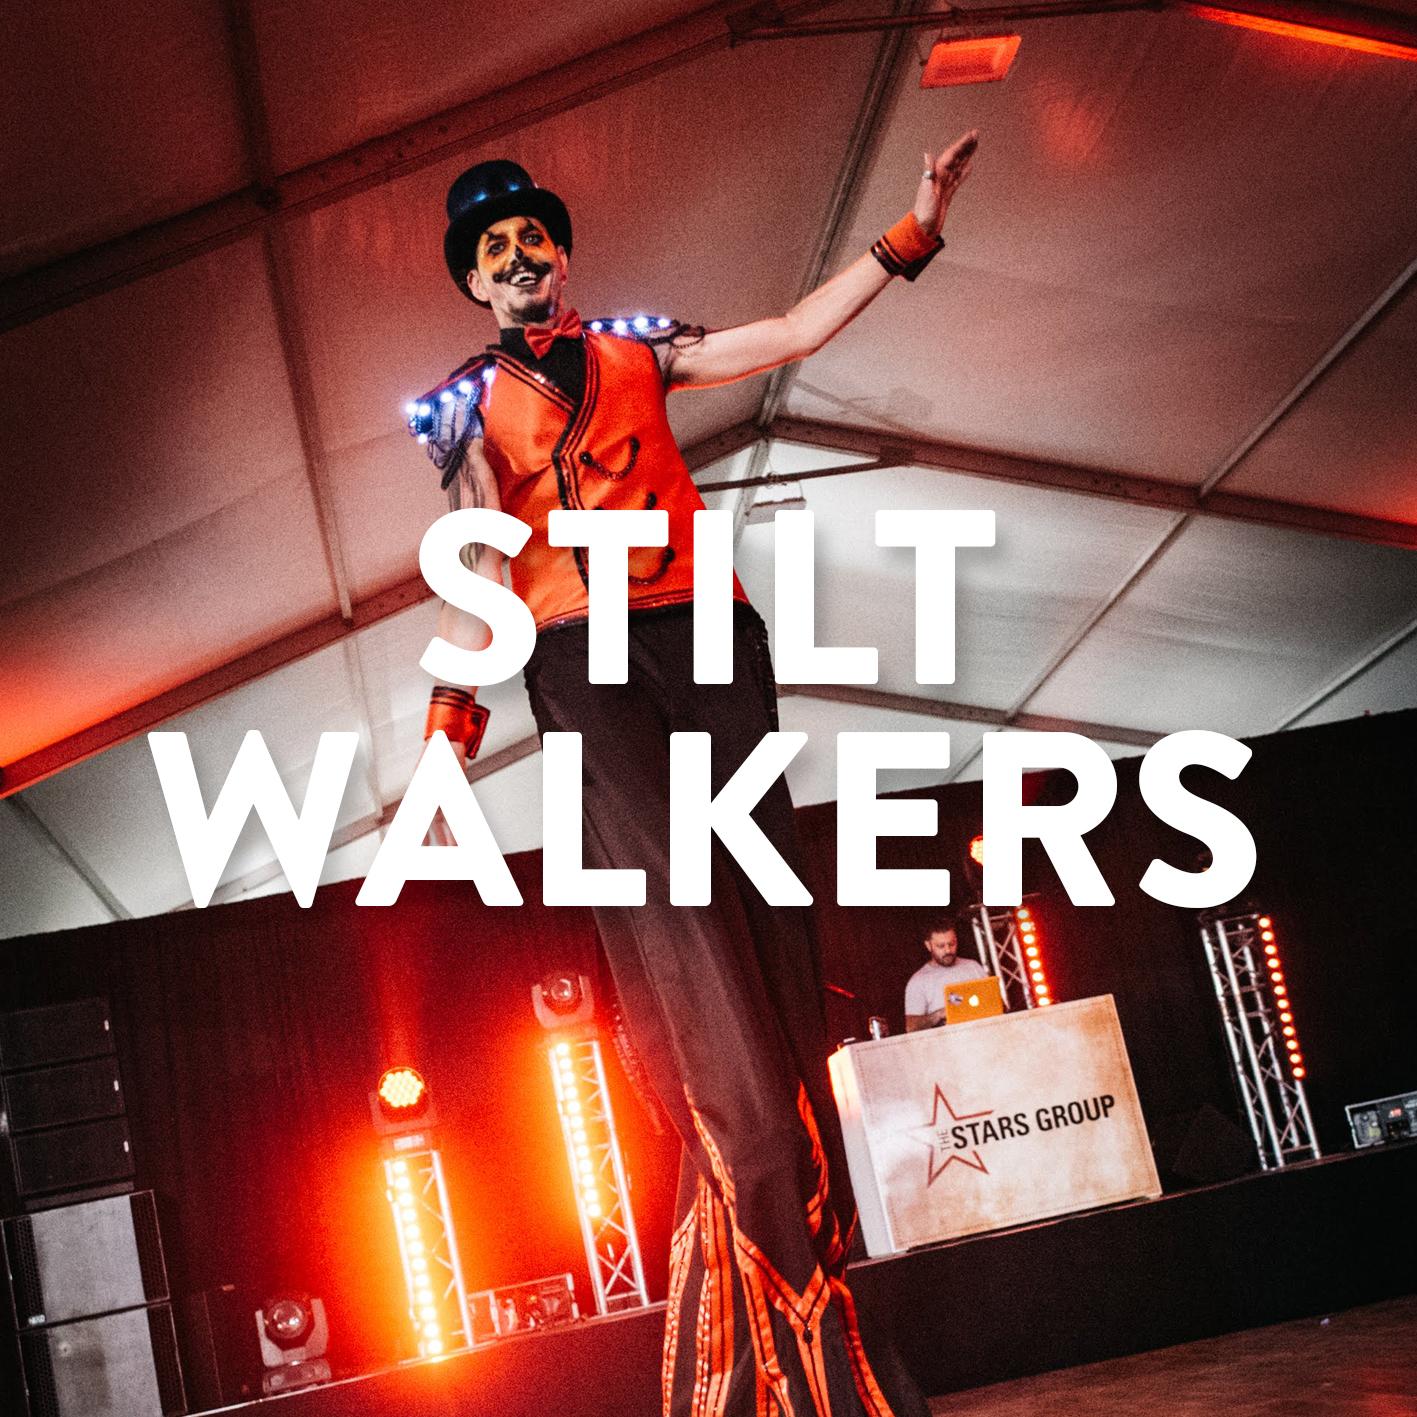 STILT WALKERS.jpg